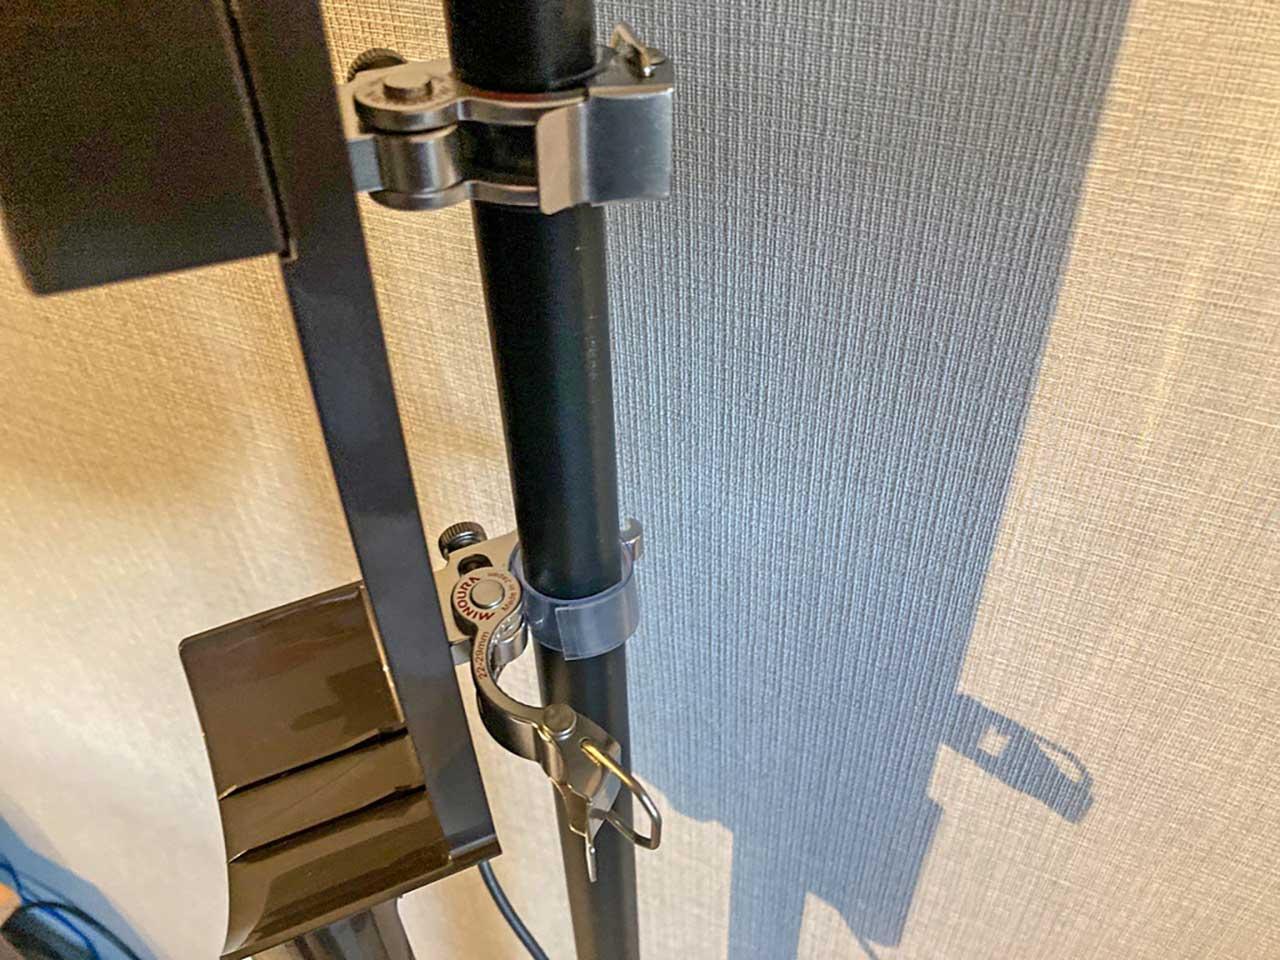 ダイソンを取り付けたい高さに公式純正ホルダーを調整